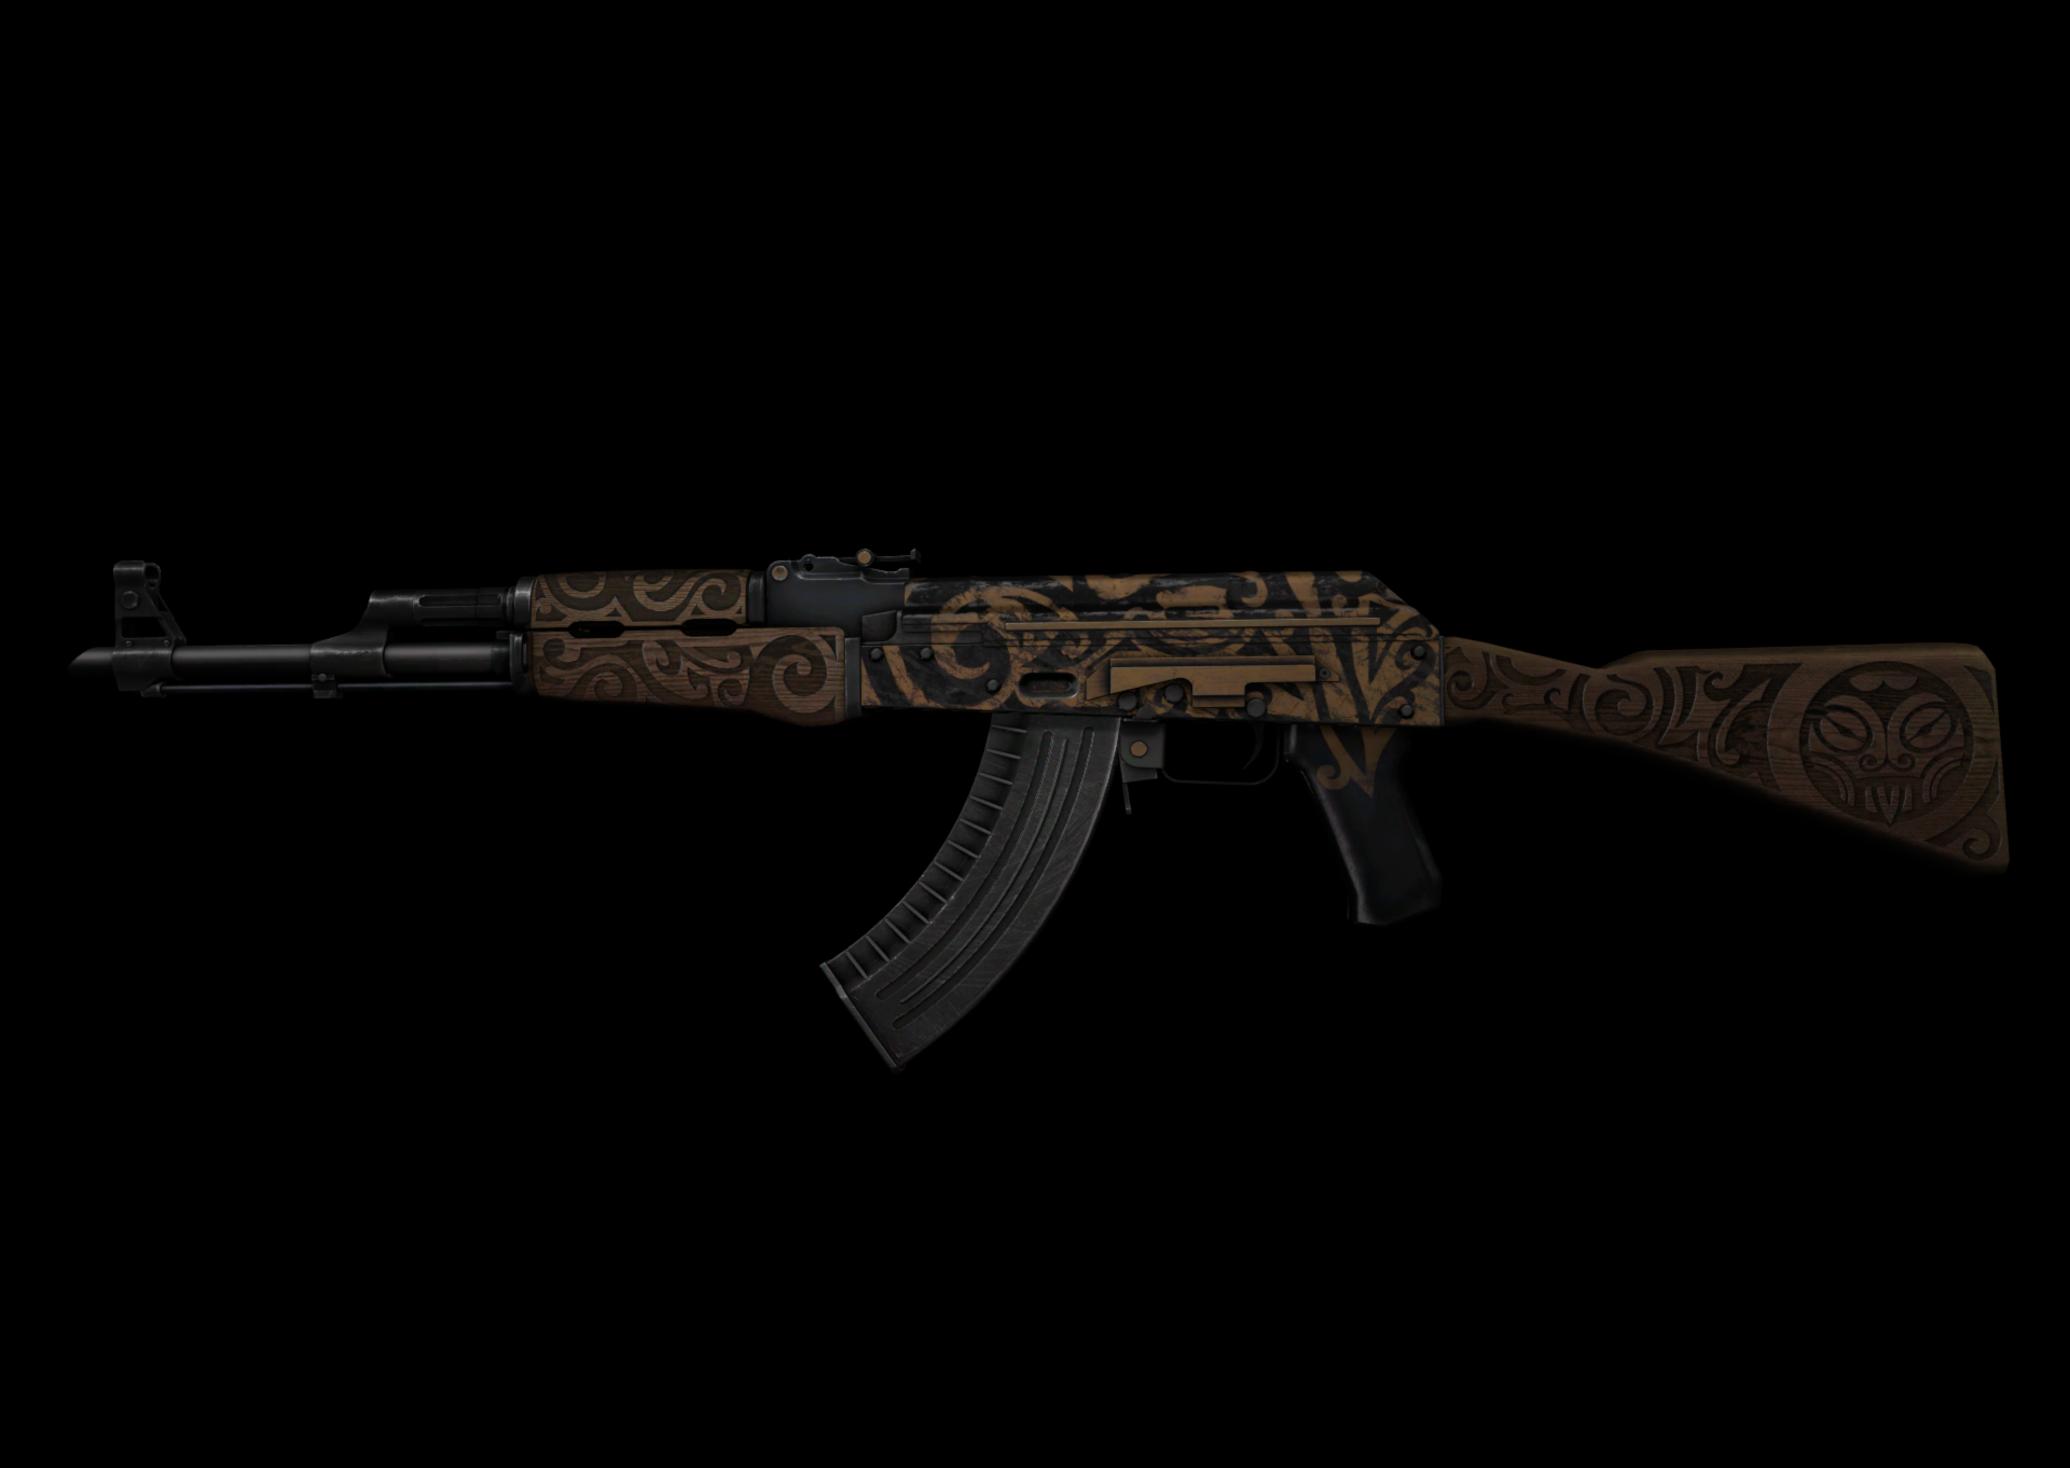 AK-47 | Затерянная земля — цены, описание скина и паттернов в CS:GO на  CS.MONEY Wiki